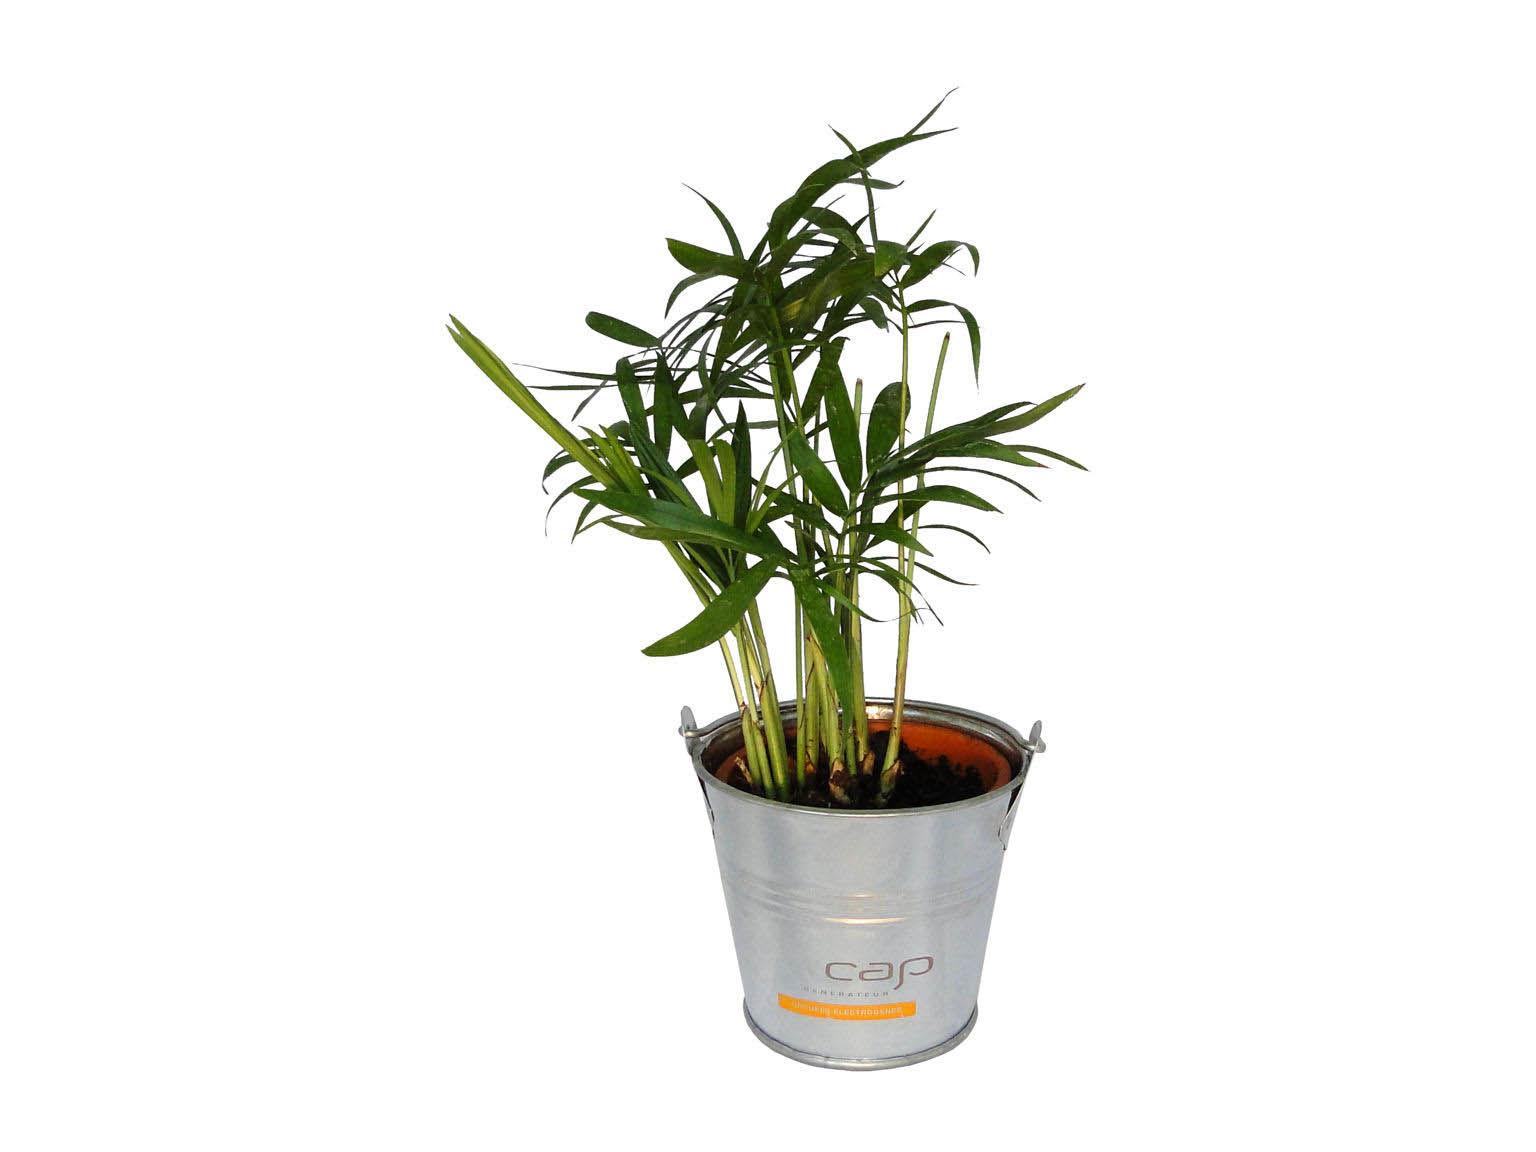 mini plante d polluante en pot zinc objet publicitaire. Black Bedroom Furniture Sets. Home Design Ideas